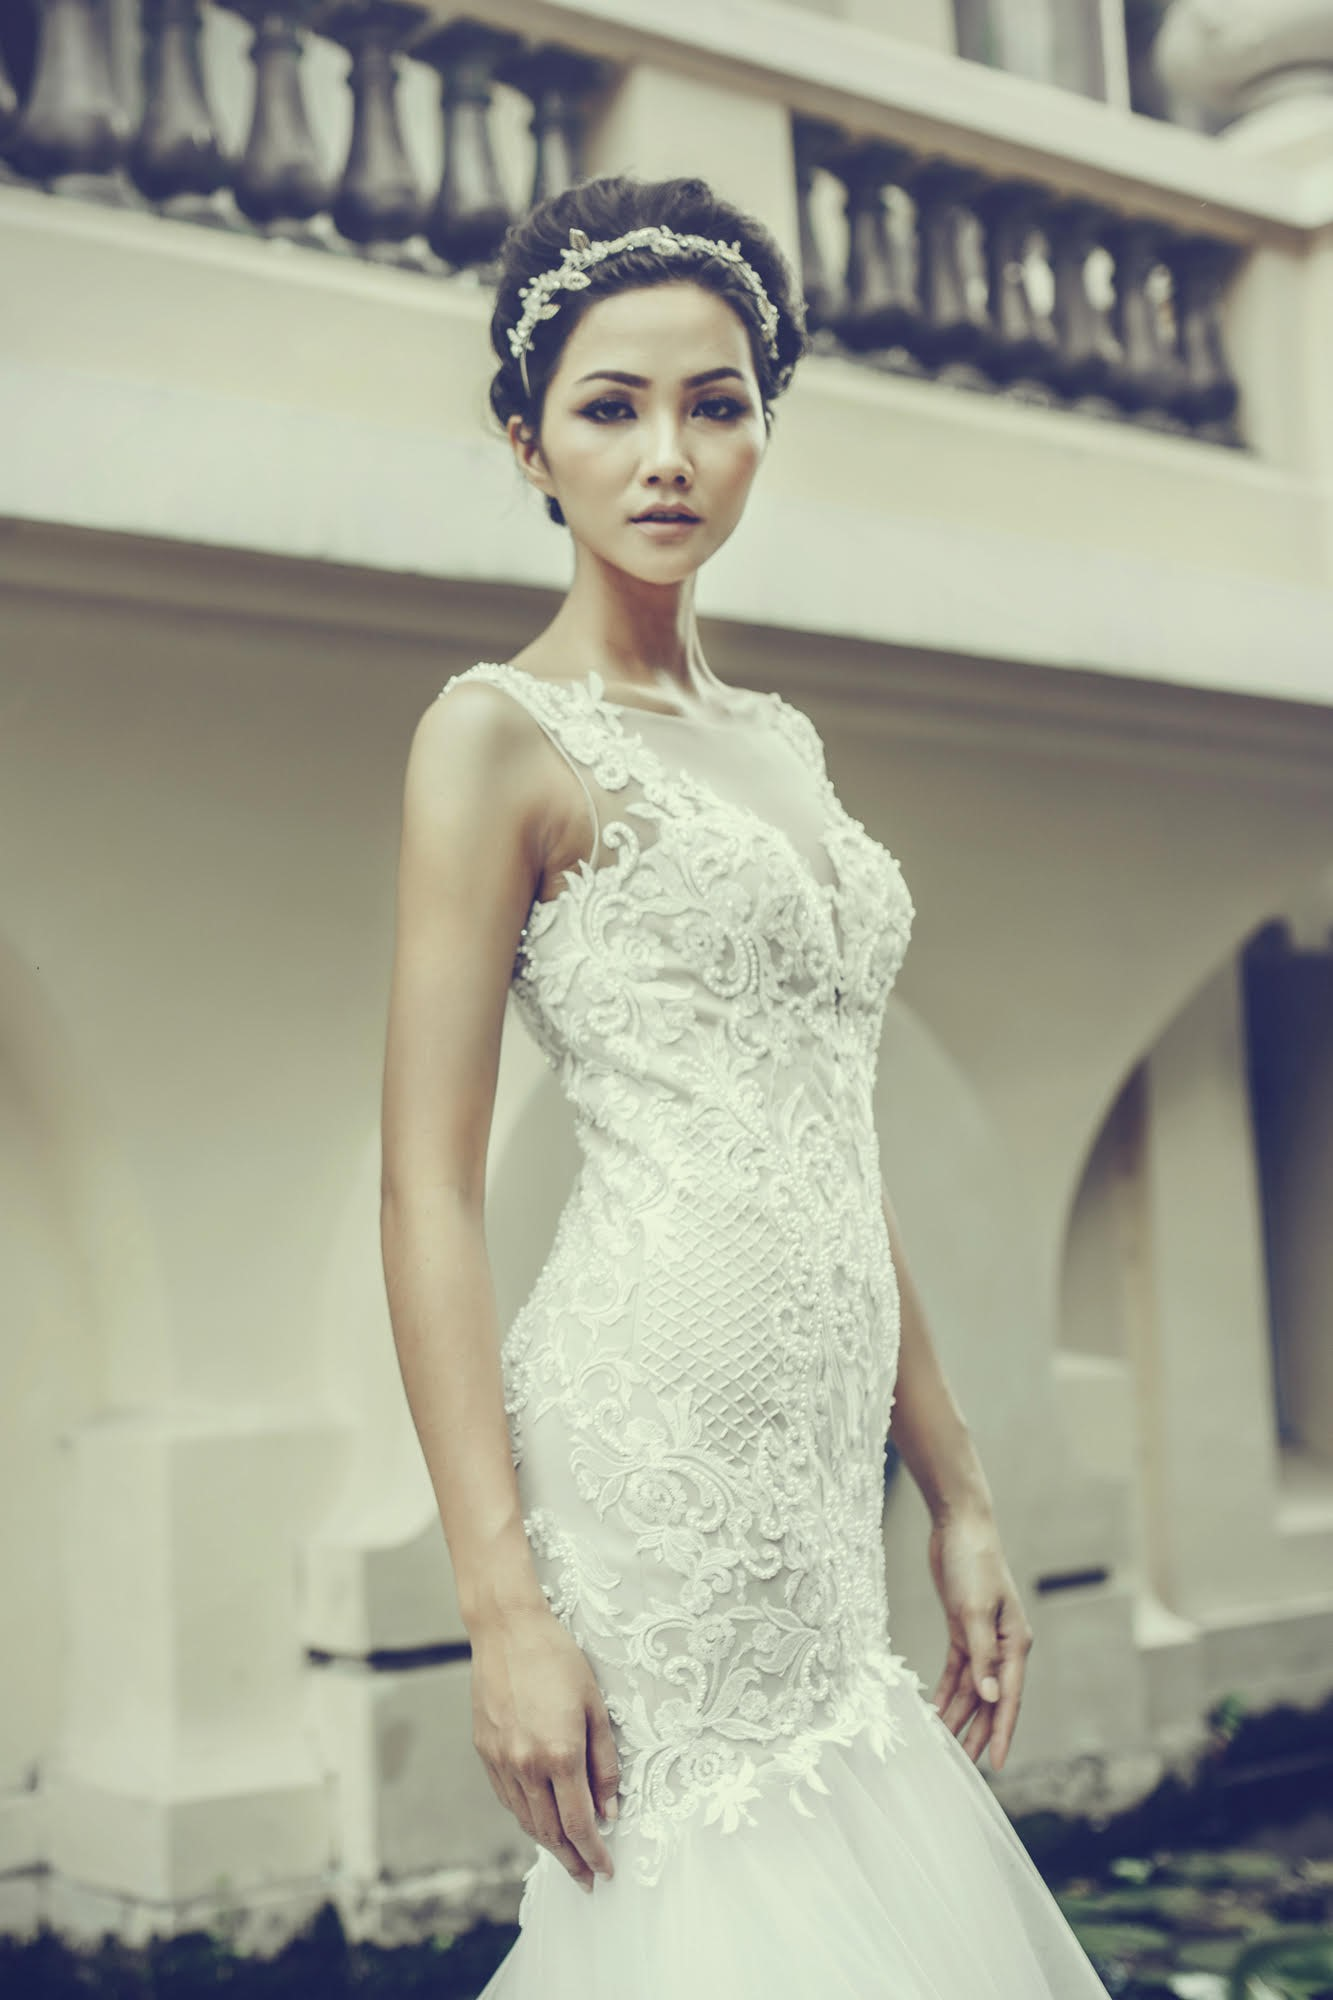 Nhan sắc và hành trình đến với vương miện của HHen Niê - Tân Hoa hậu Hoàn vũ Việt Nam 2017 - Ảnh 5.